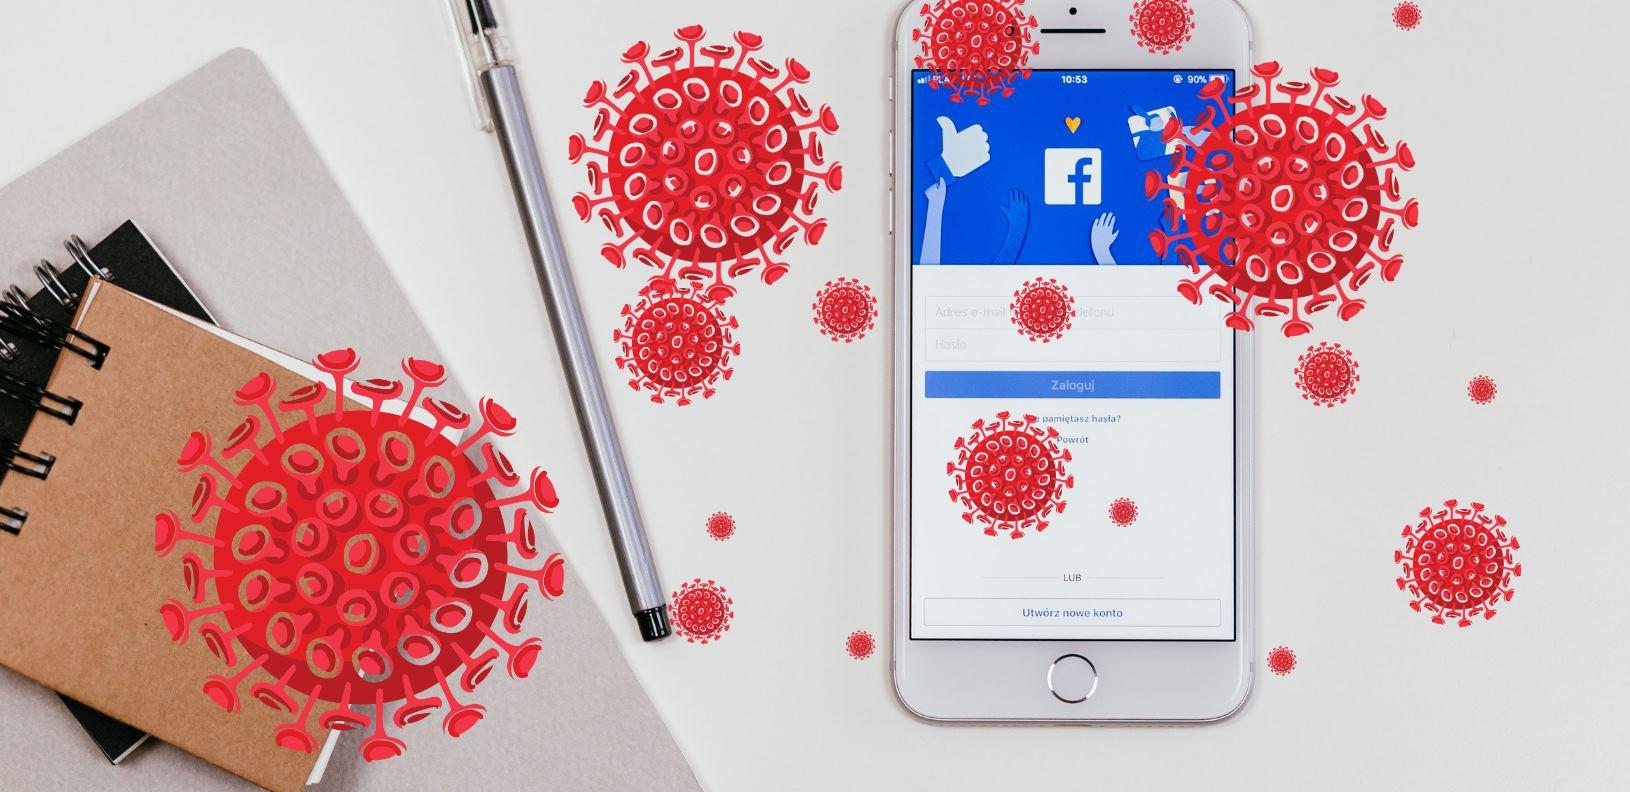 Facebook ya ha eliminado 7 millones de posts sobre coronavirus